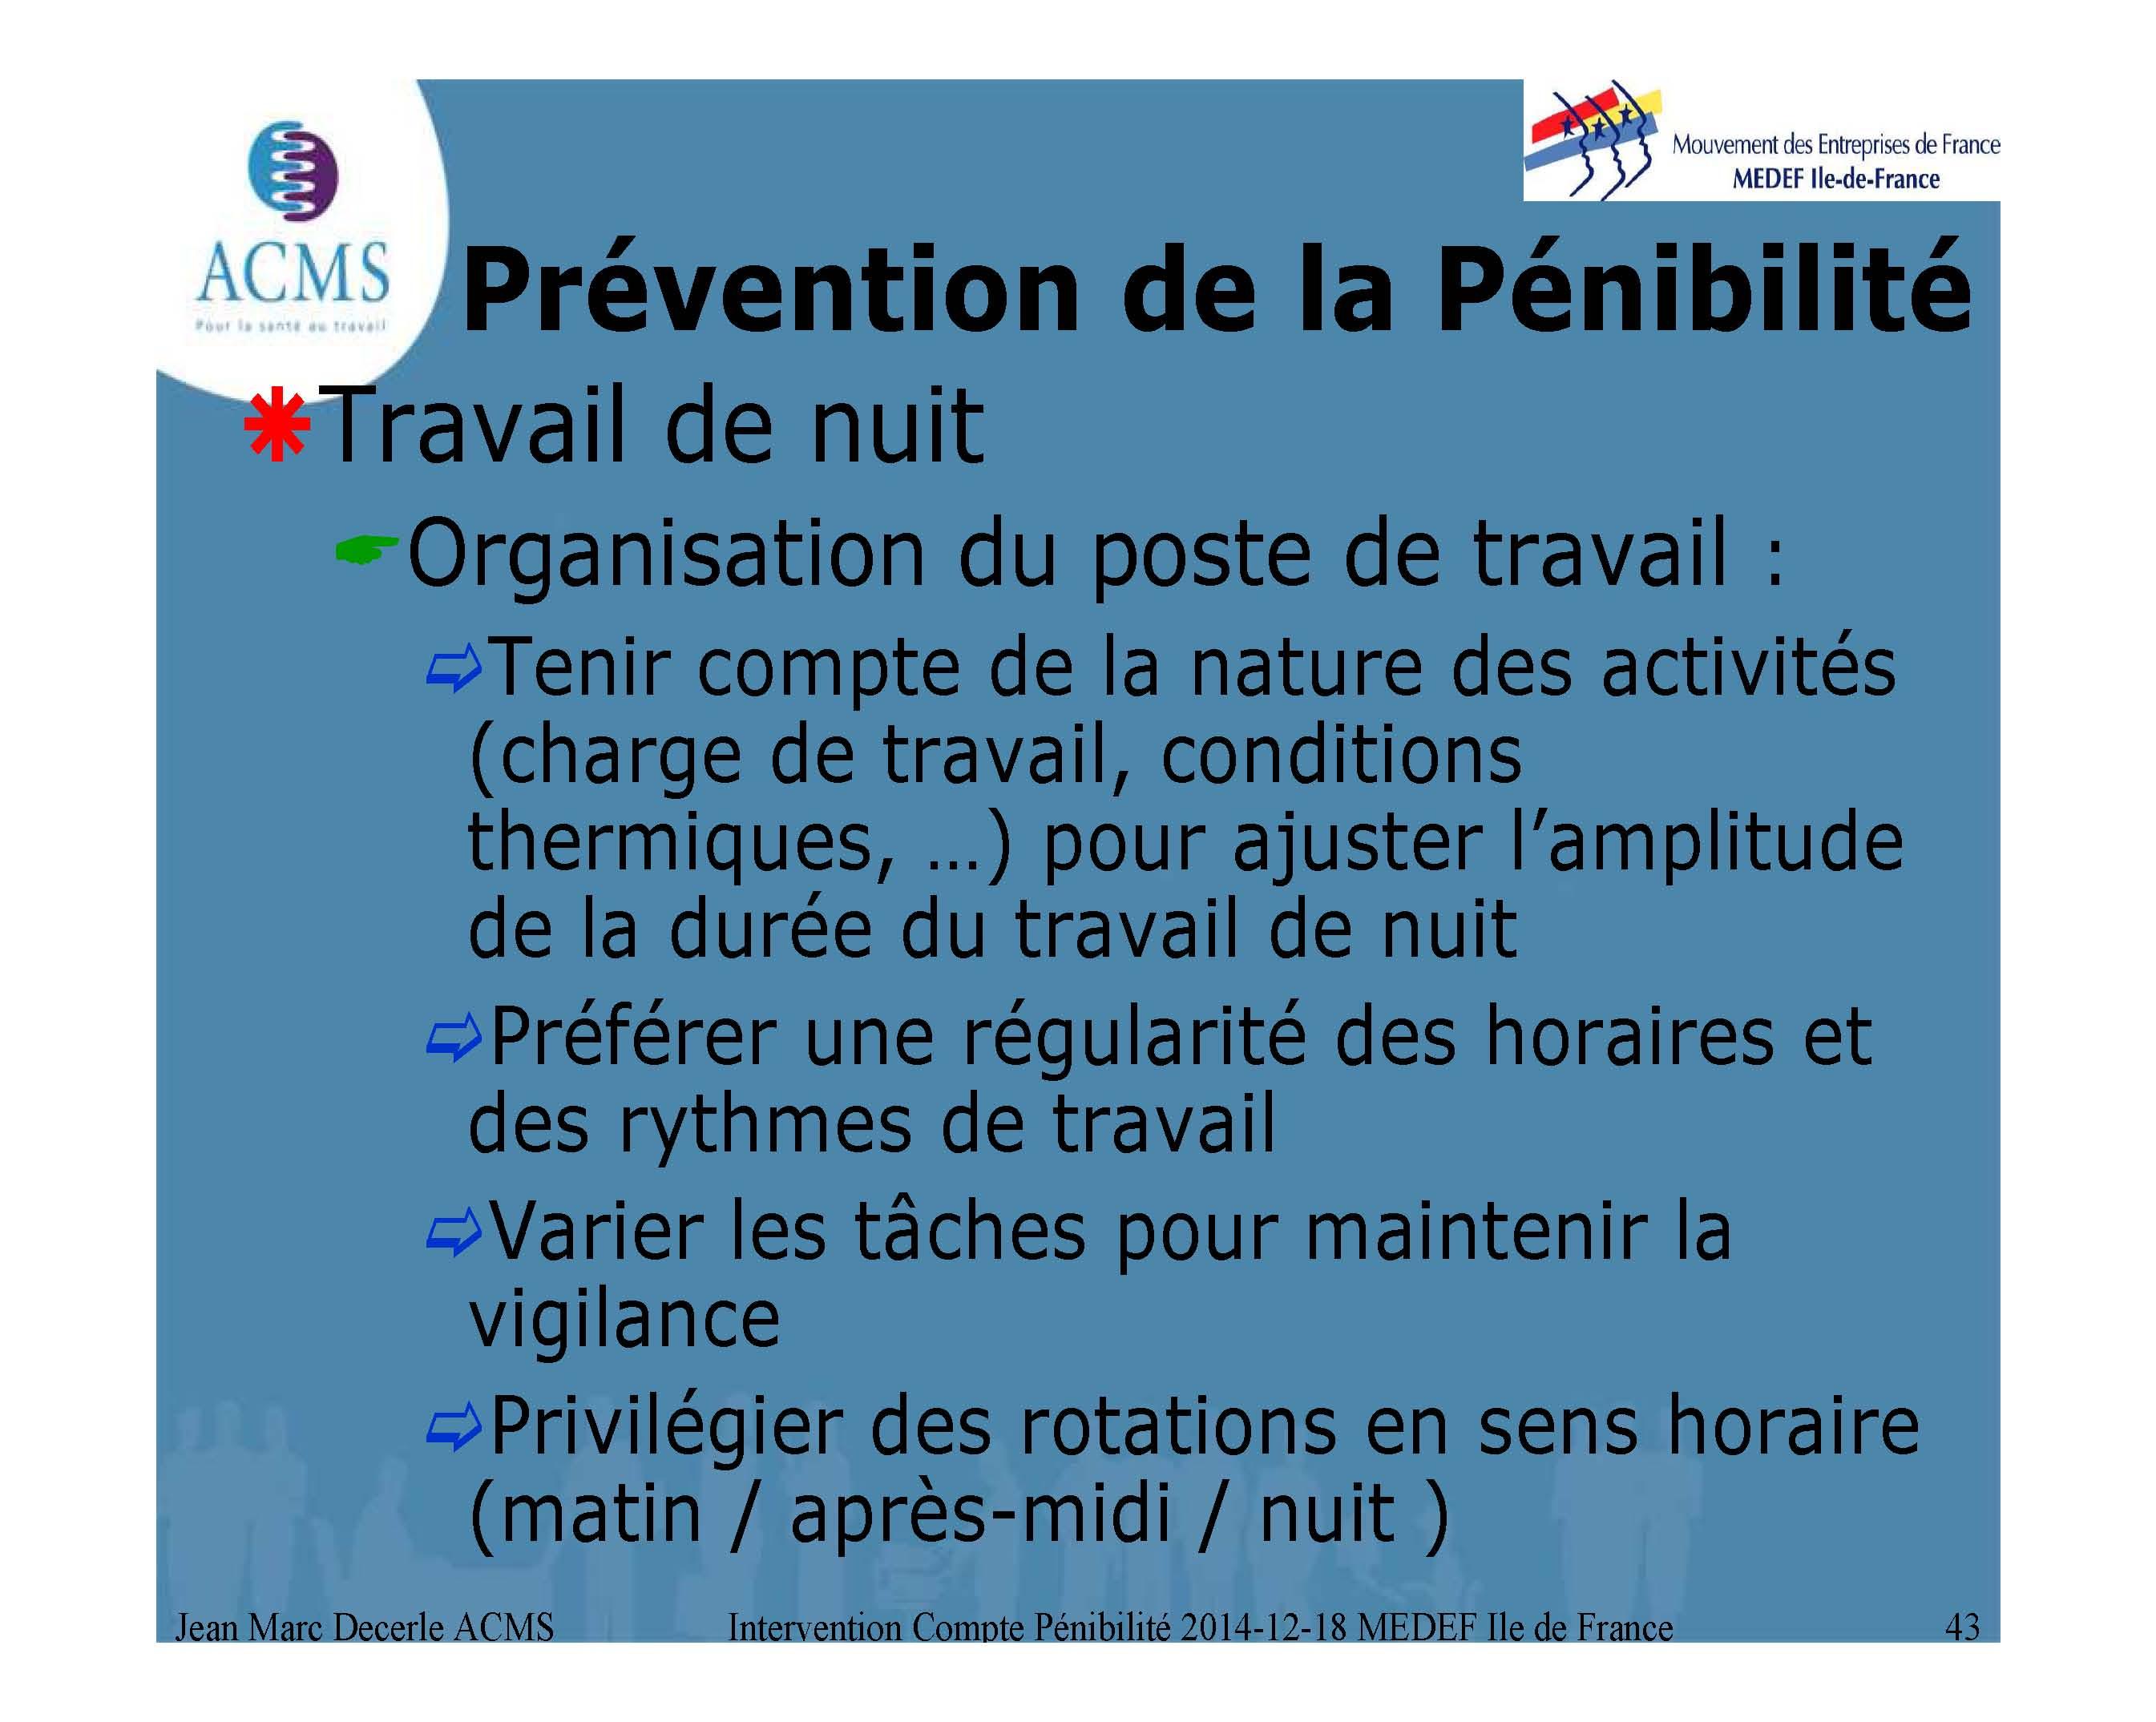 2014-12-18 Compte Pénibilite MEDEF Ile de France_Page_43